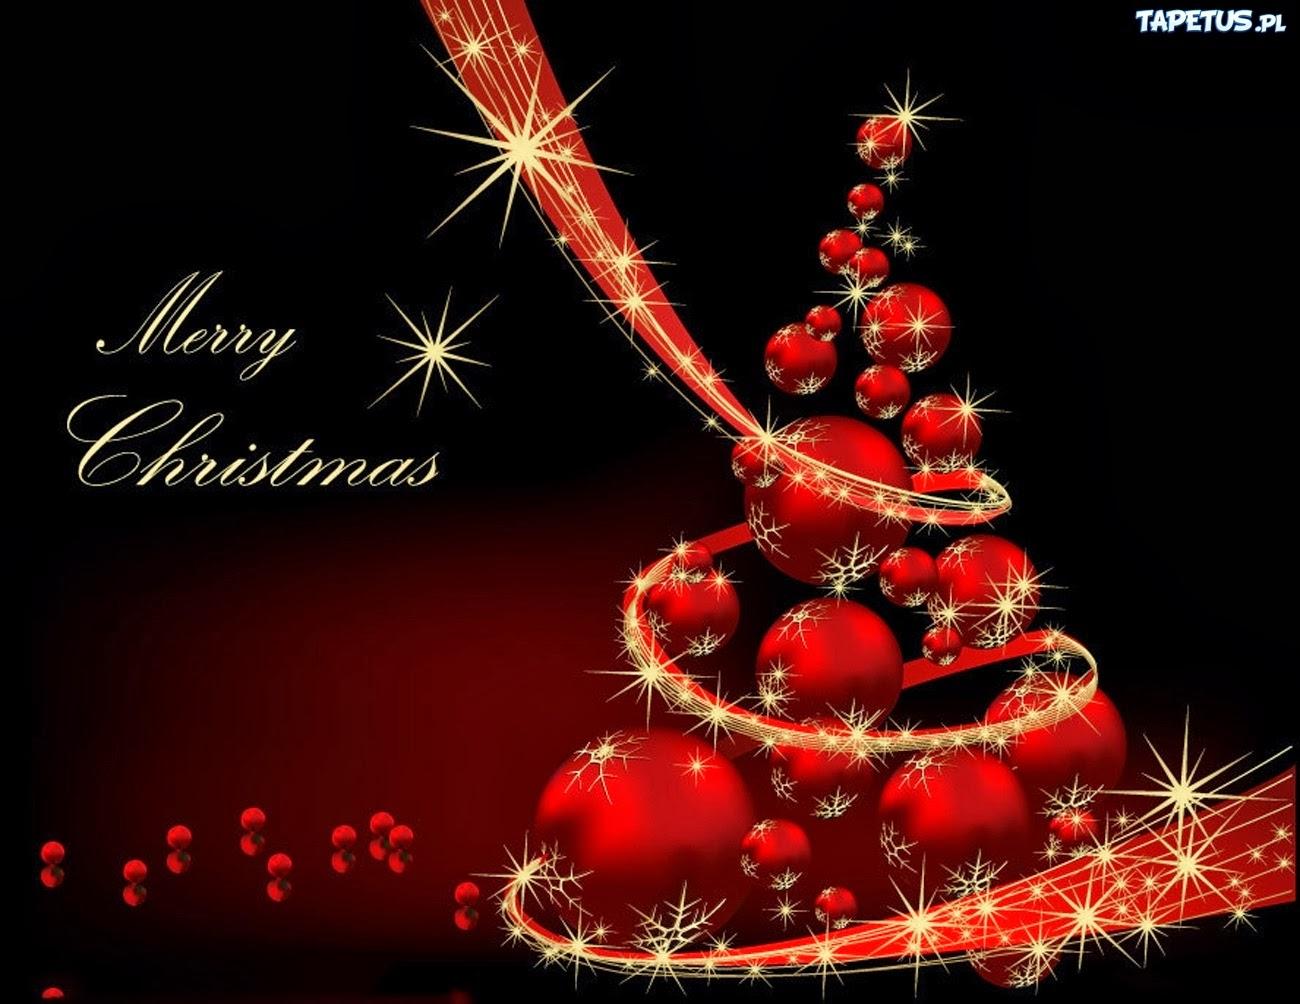 Como Decir Feliz Navidad En Holandes.Feliz Navidad En El Mundo De La Traduccion